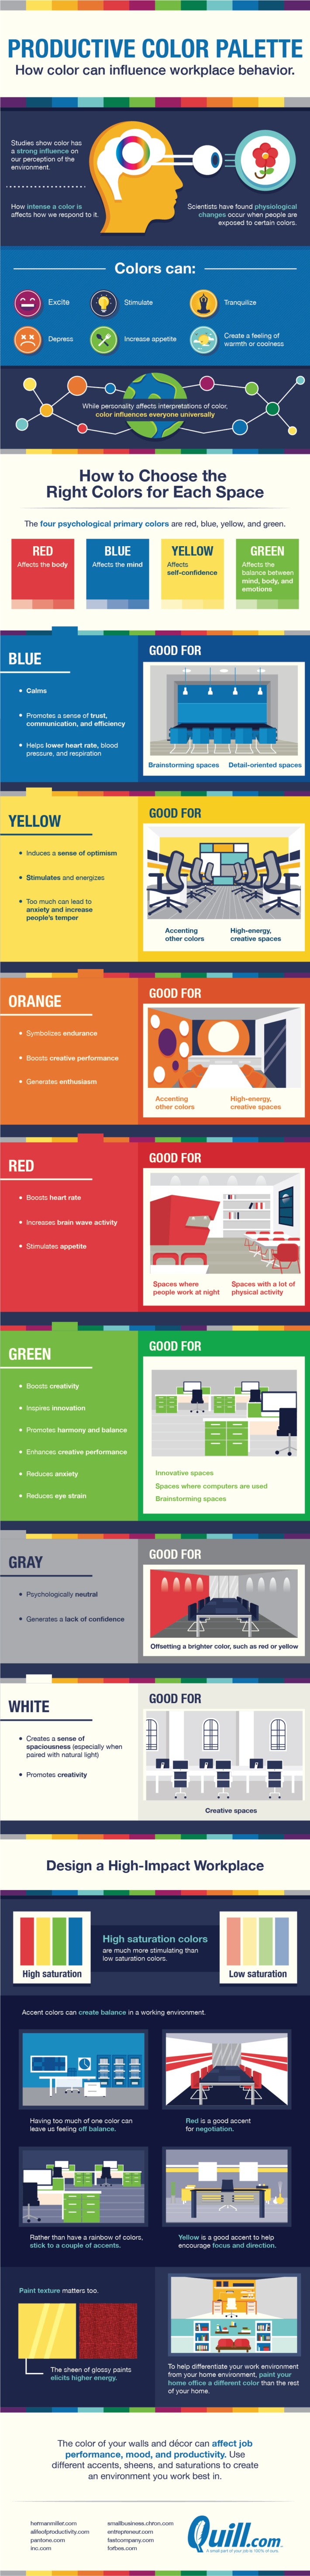 Barvy pracovní prostředí